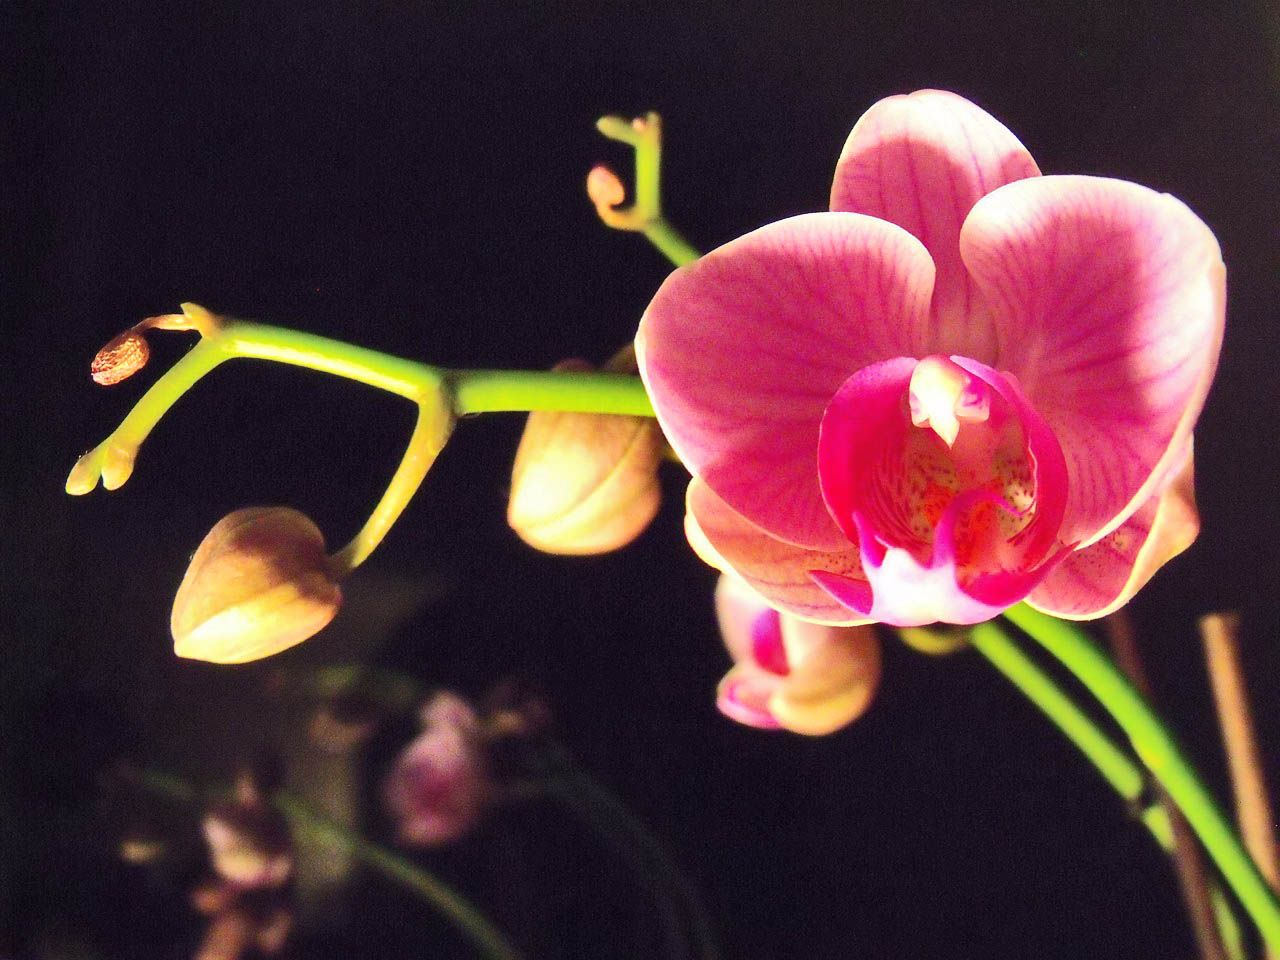 Jak Pielegnowac Storczyki Aby Nie Opadaly Paki Kwiatowe Orchids Flower Room Plants